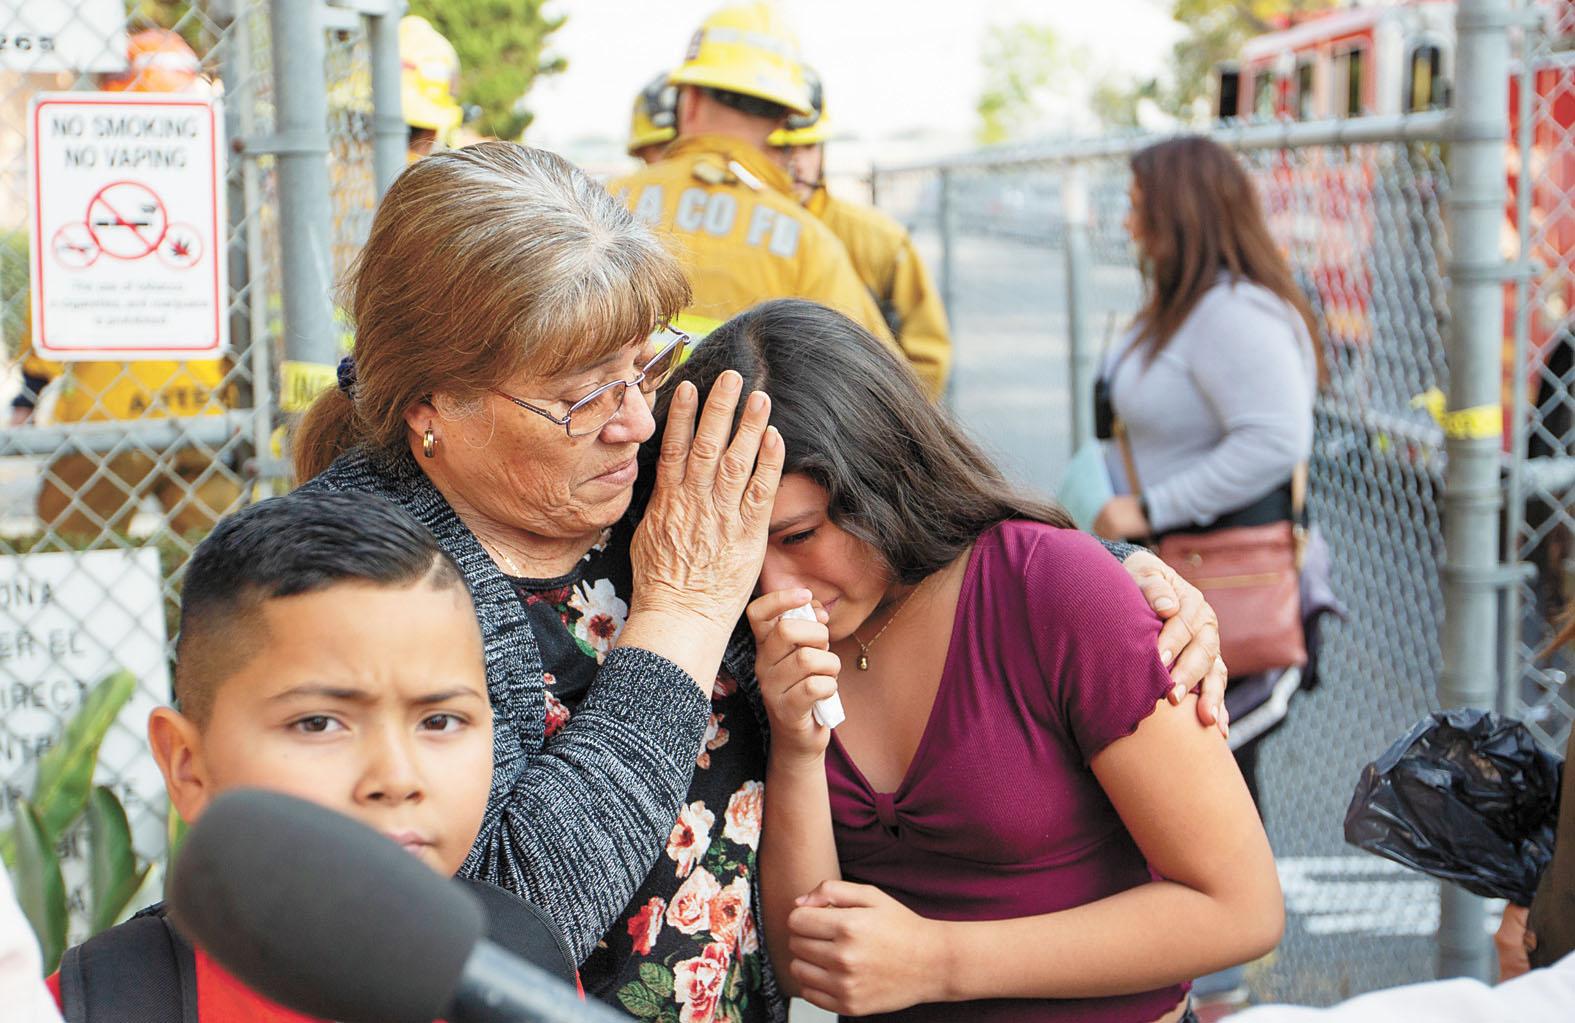 飛機燃料掉落在學校,致地面多人受傷。圖為家長安慰受到驚嚇的孩子。美聯社